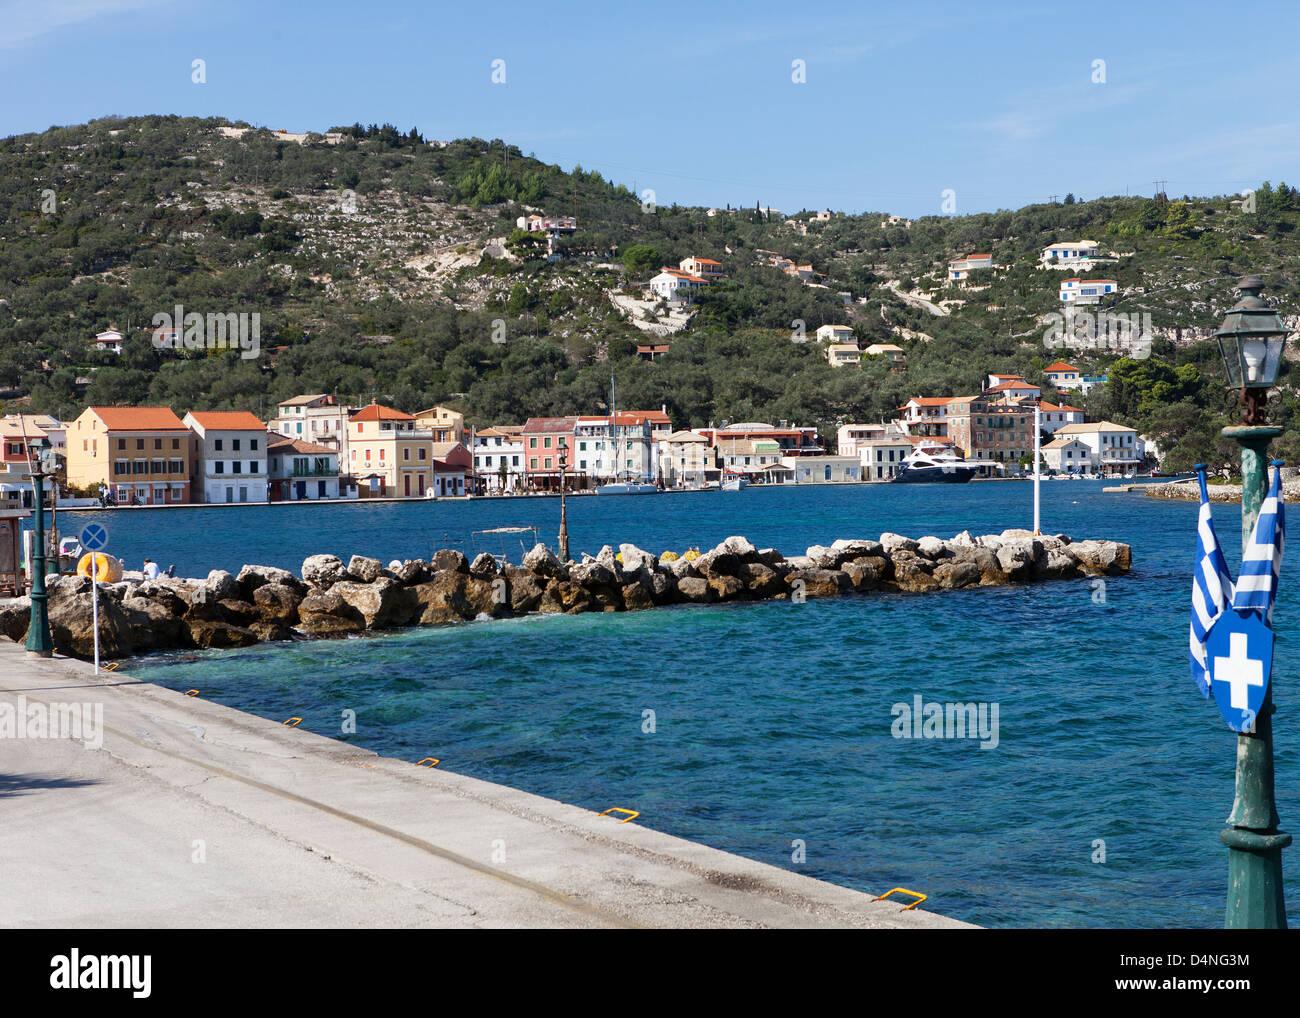 Gaios Harbour, Paxos - Stock Image